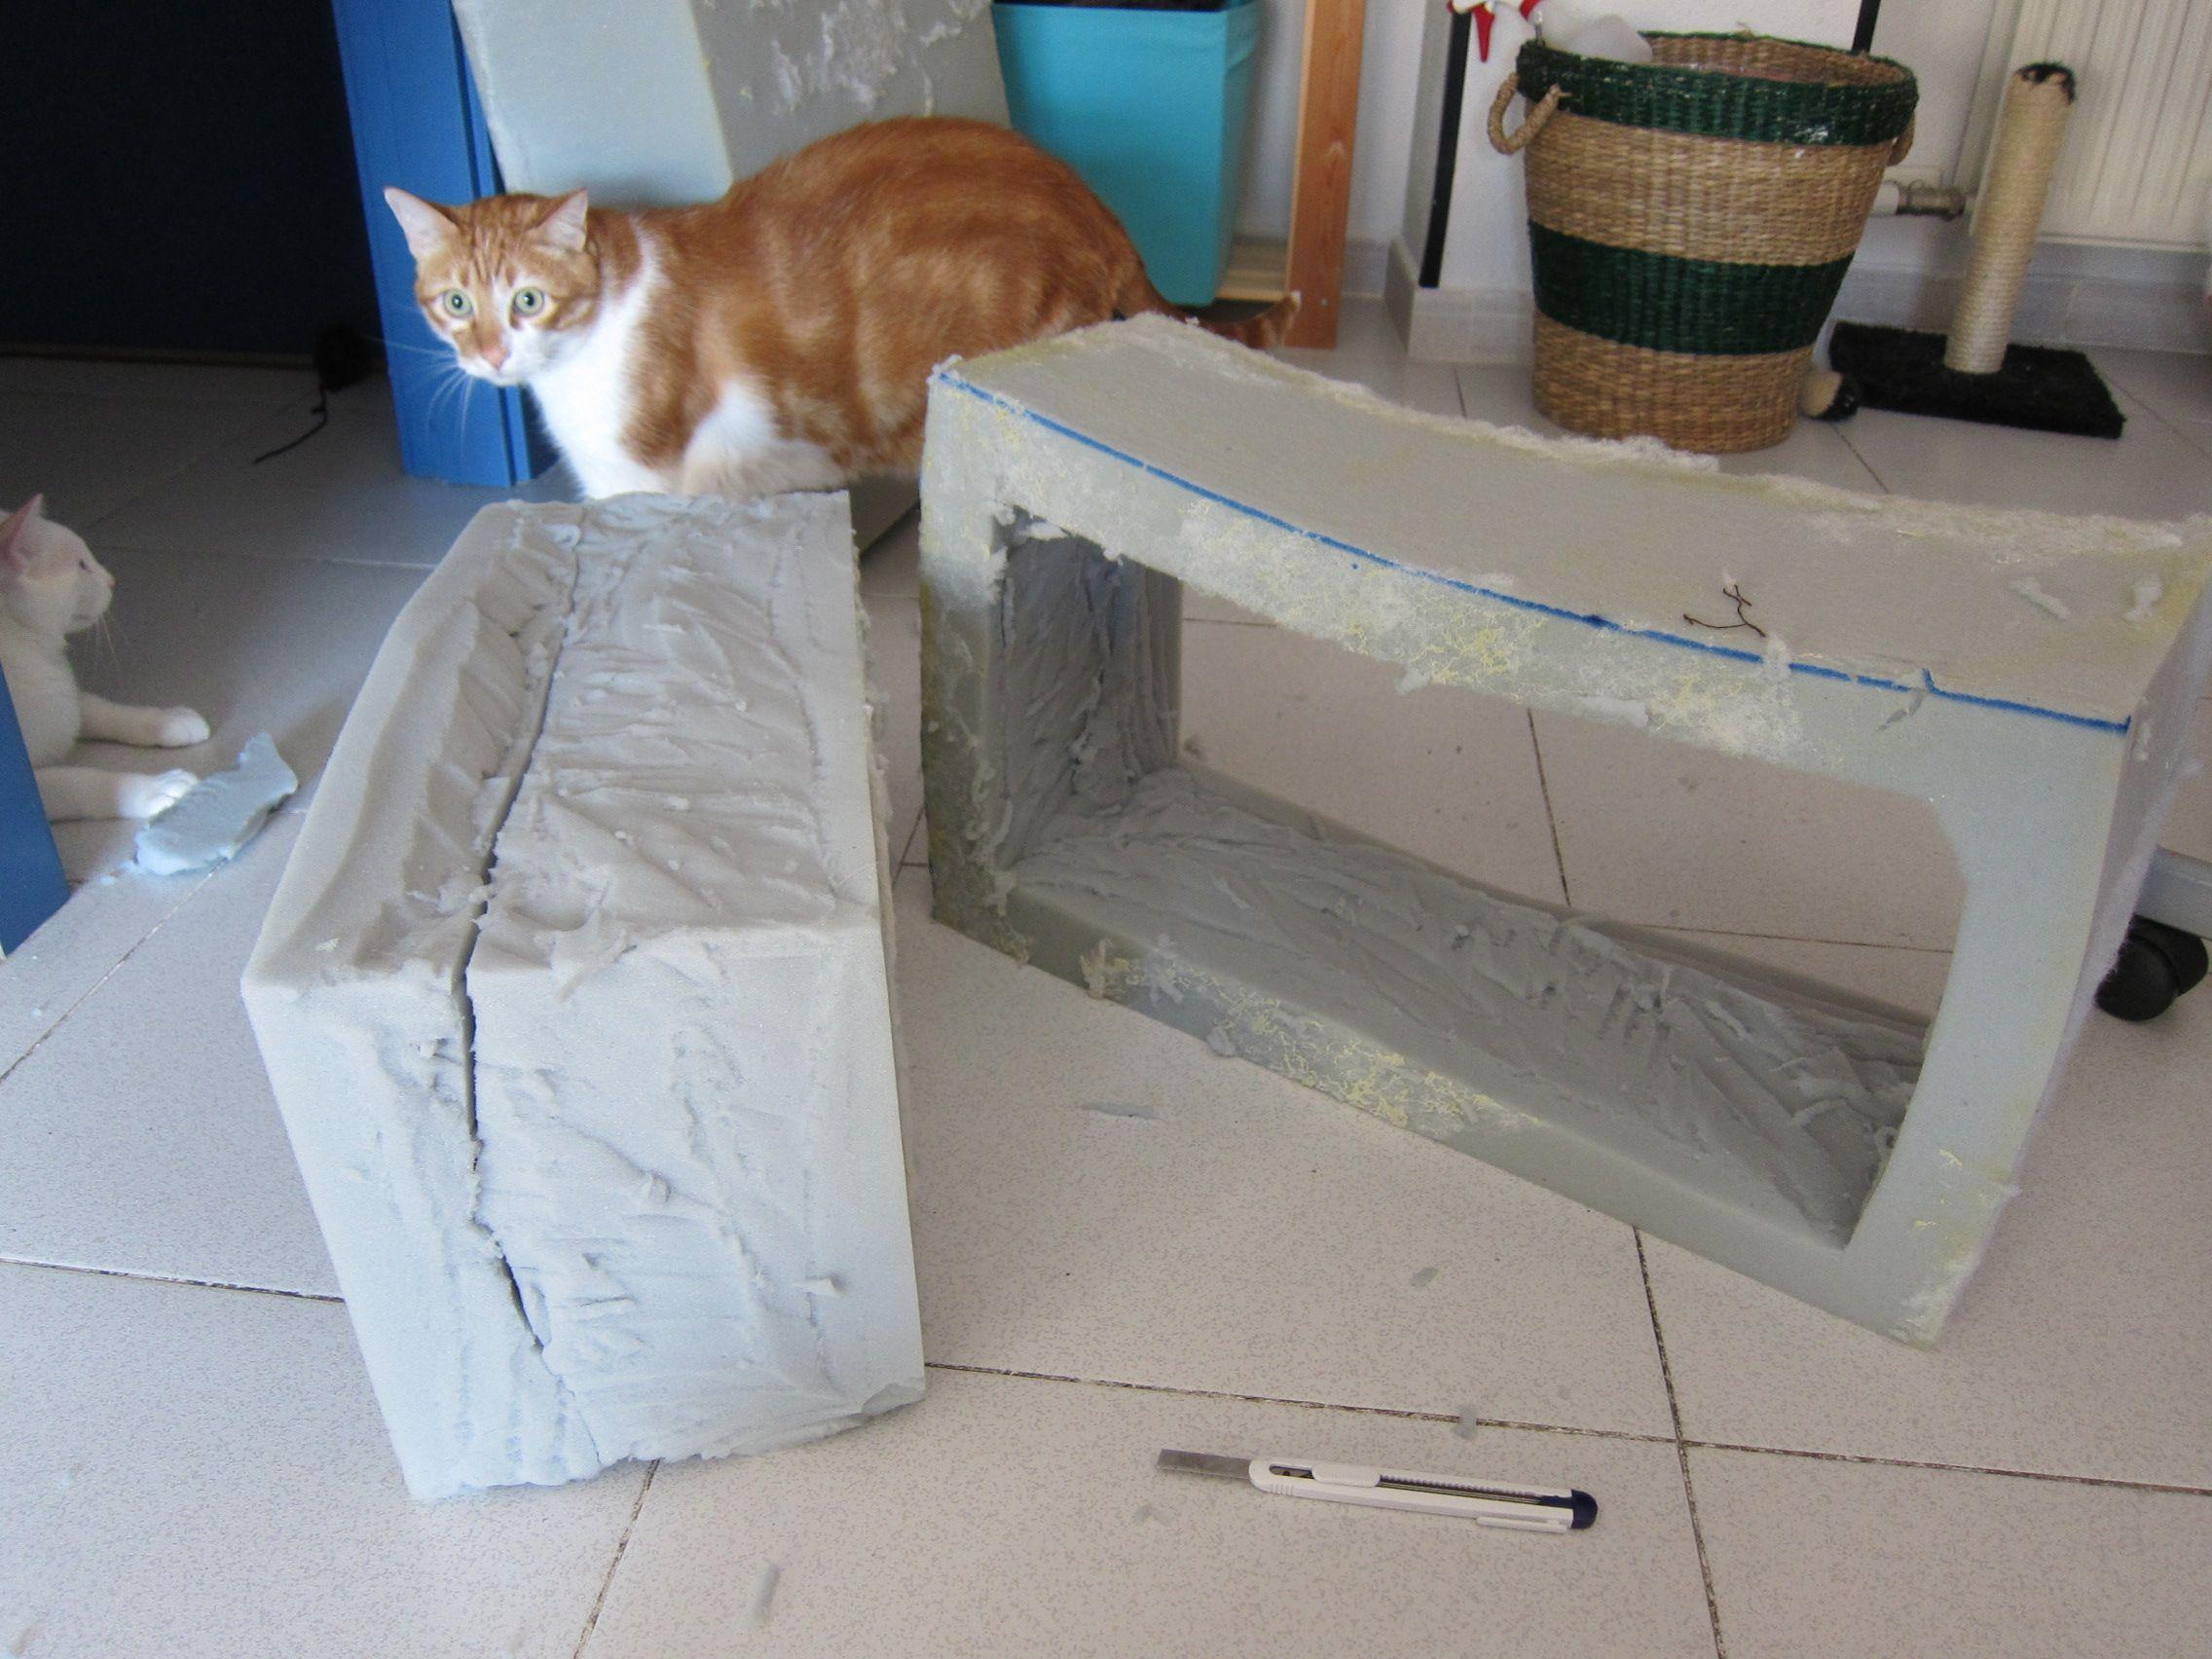 paso 2, se corta a la medida y forma deseada con cutter